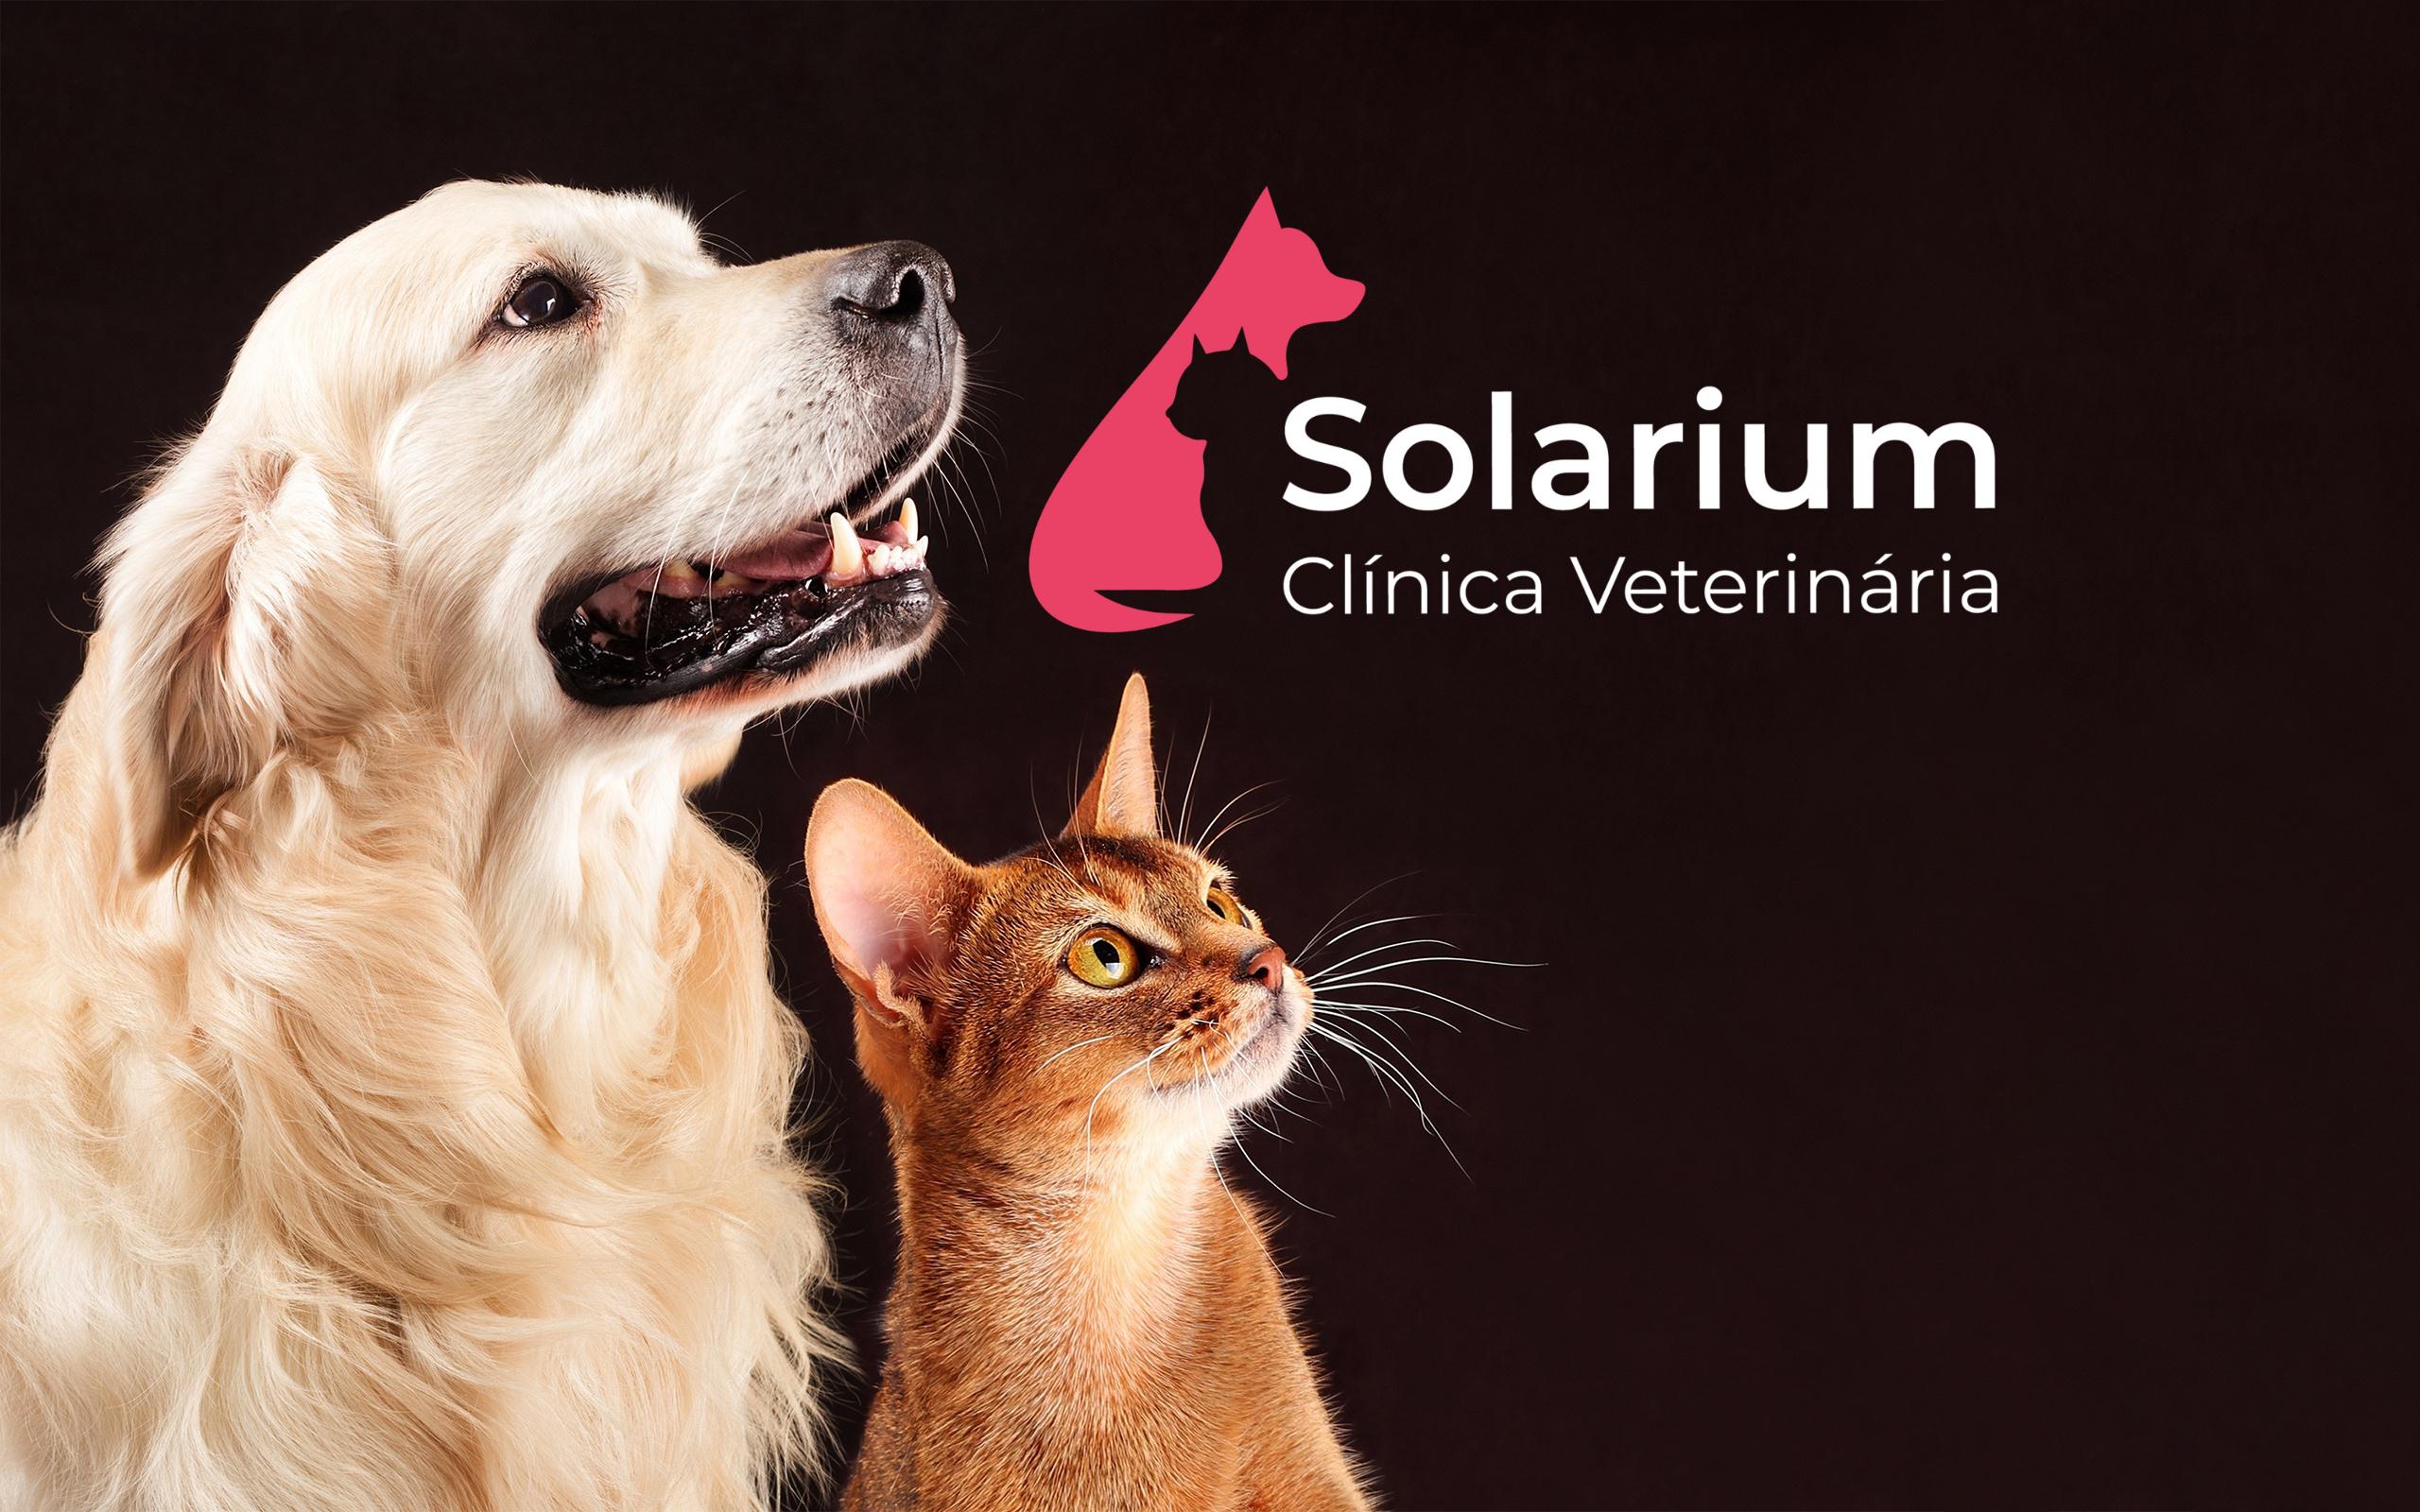 Clínica Veterinária Solarium